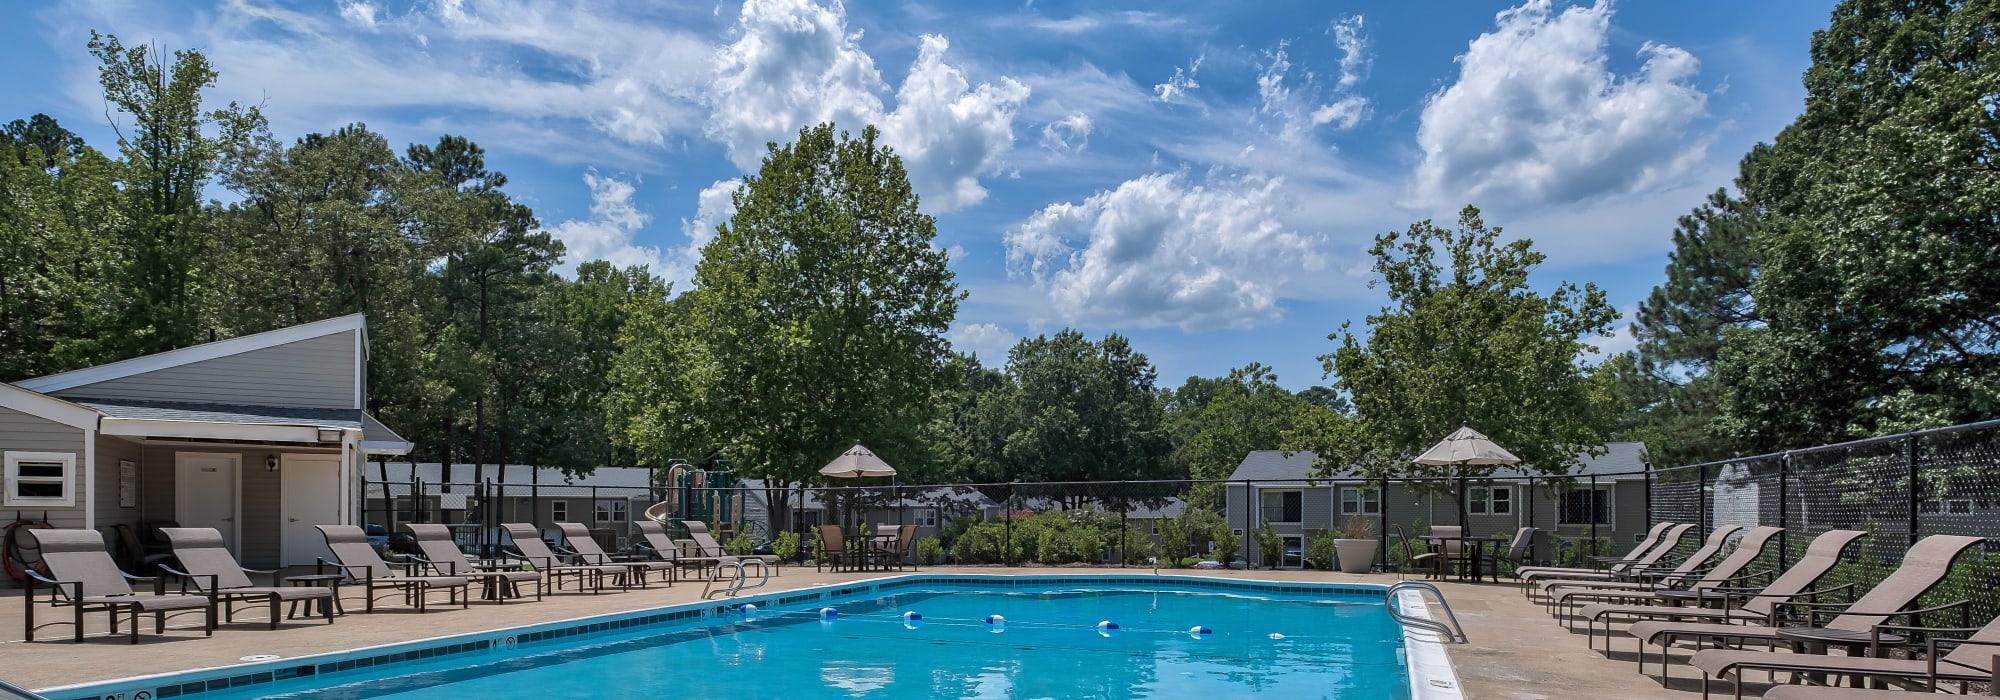 Woods of Williamsburg Apartments | Williamsburg, VA ...